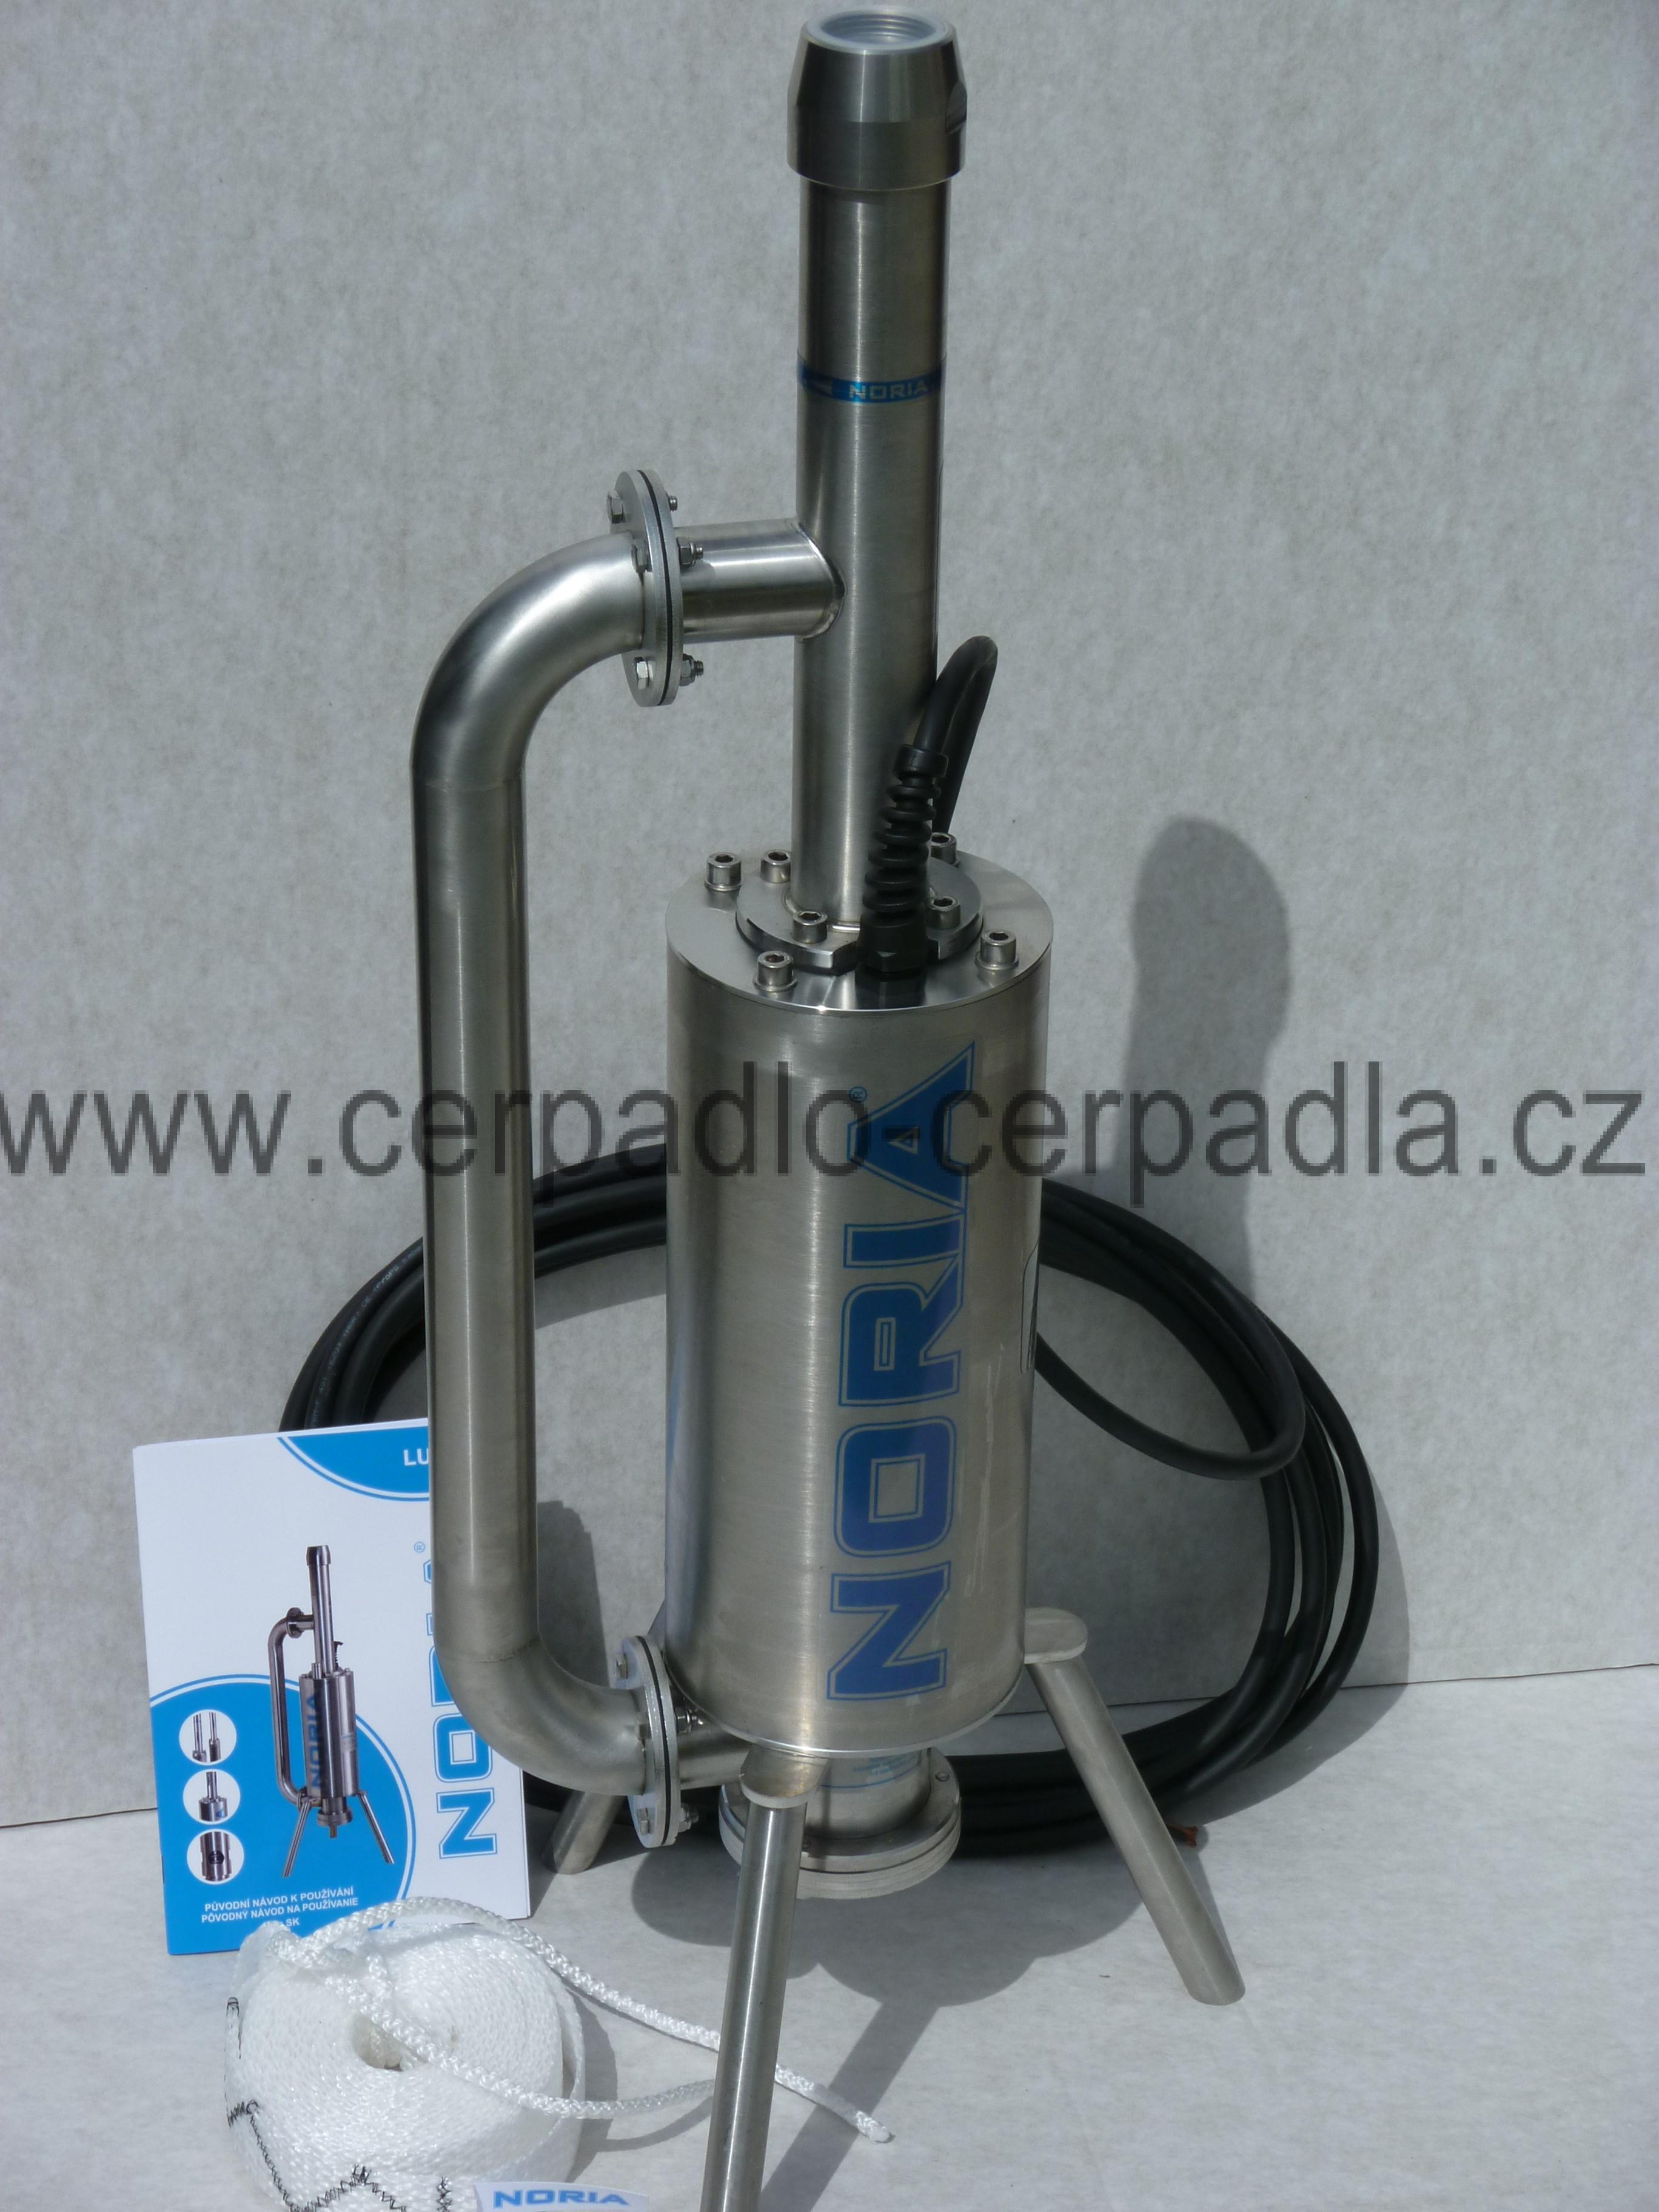 NORIA LUCA-100-16-N1, 230V, 15m (kalové čerpadlo + klapka, DOPRAVA ZDARMA, kalová čerpadla LUCA)